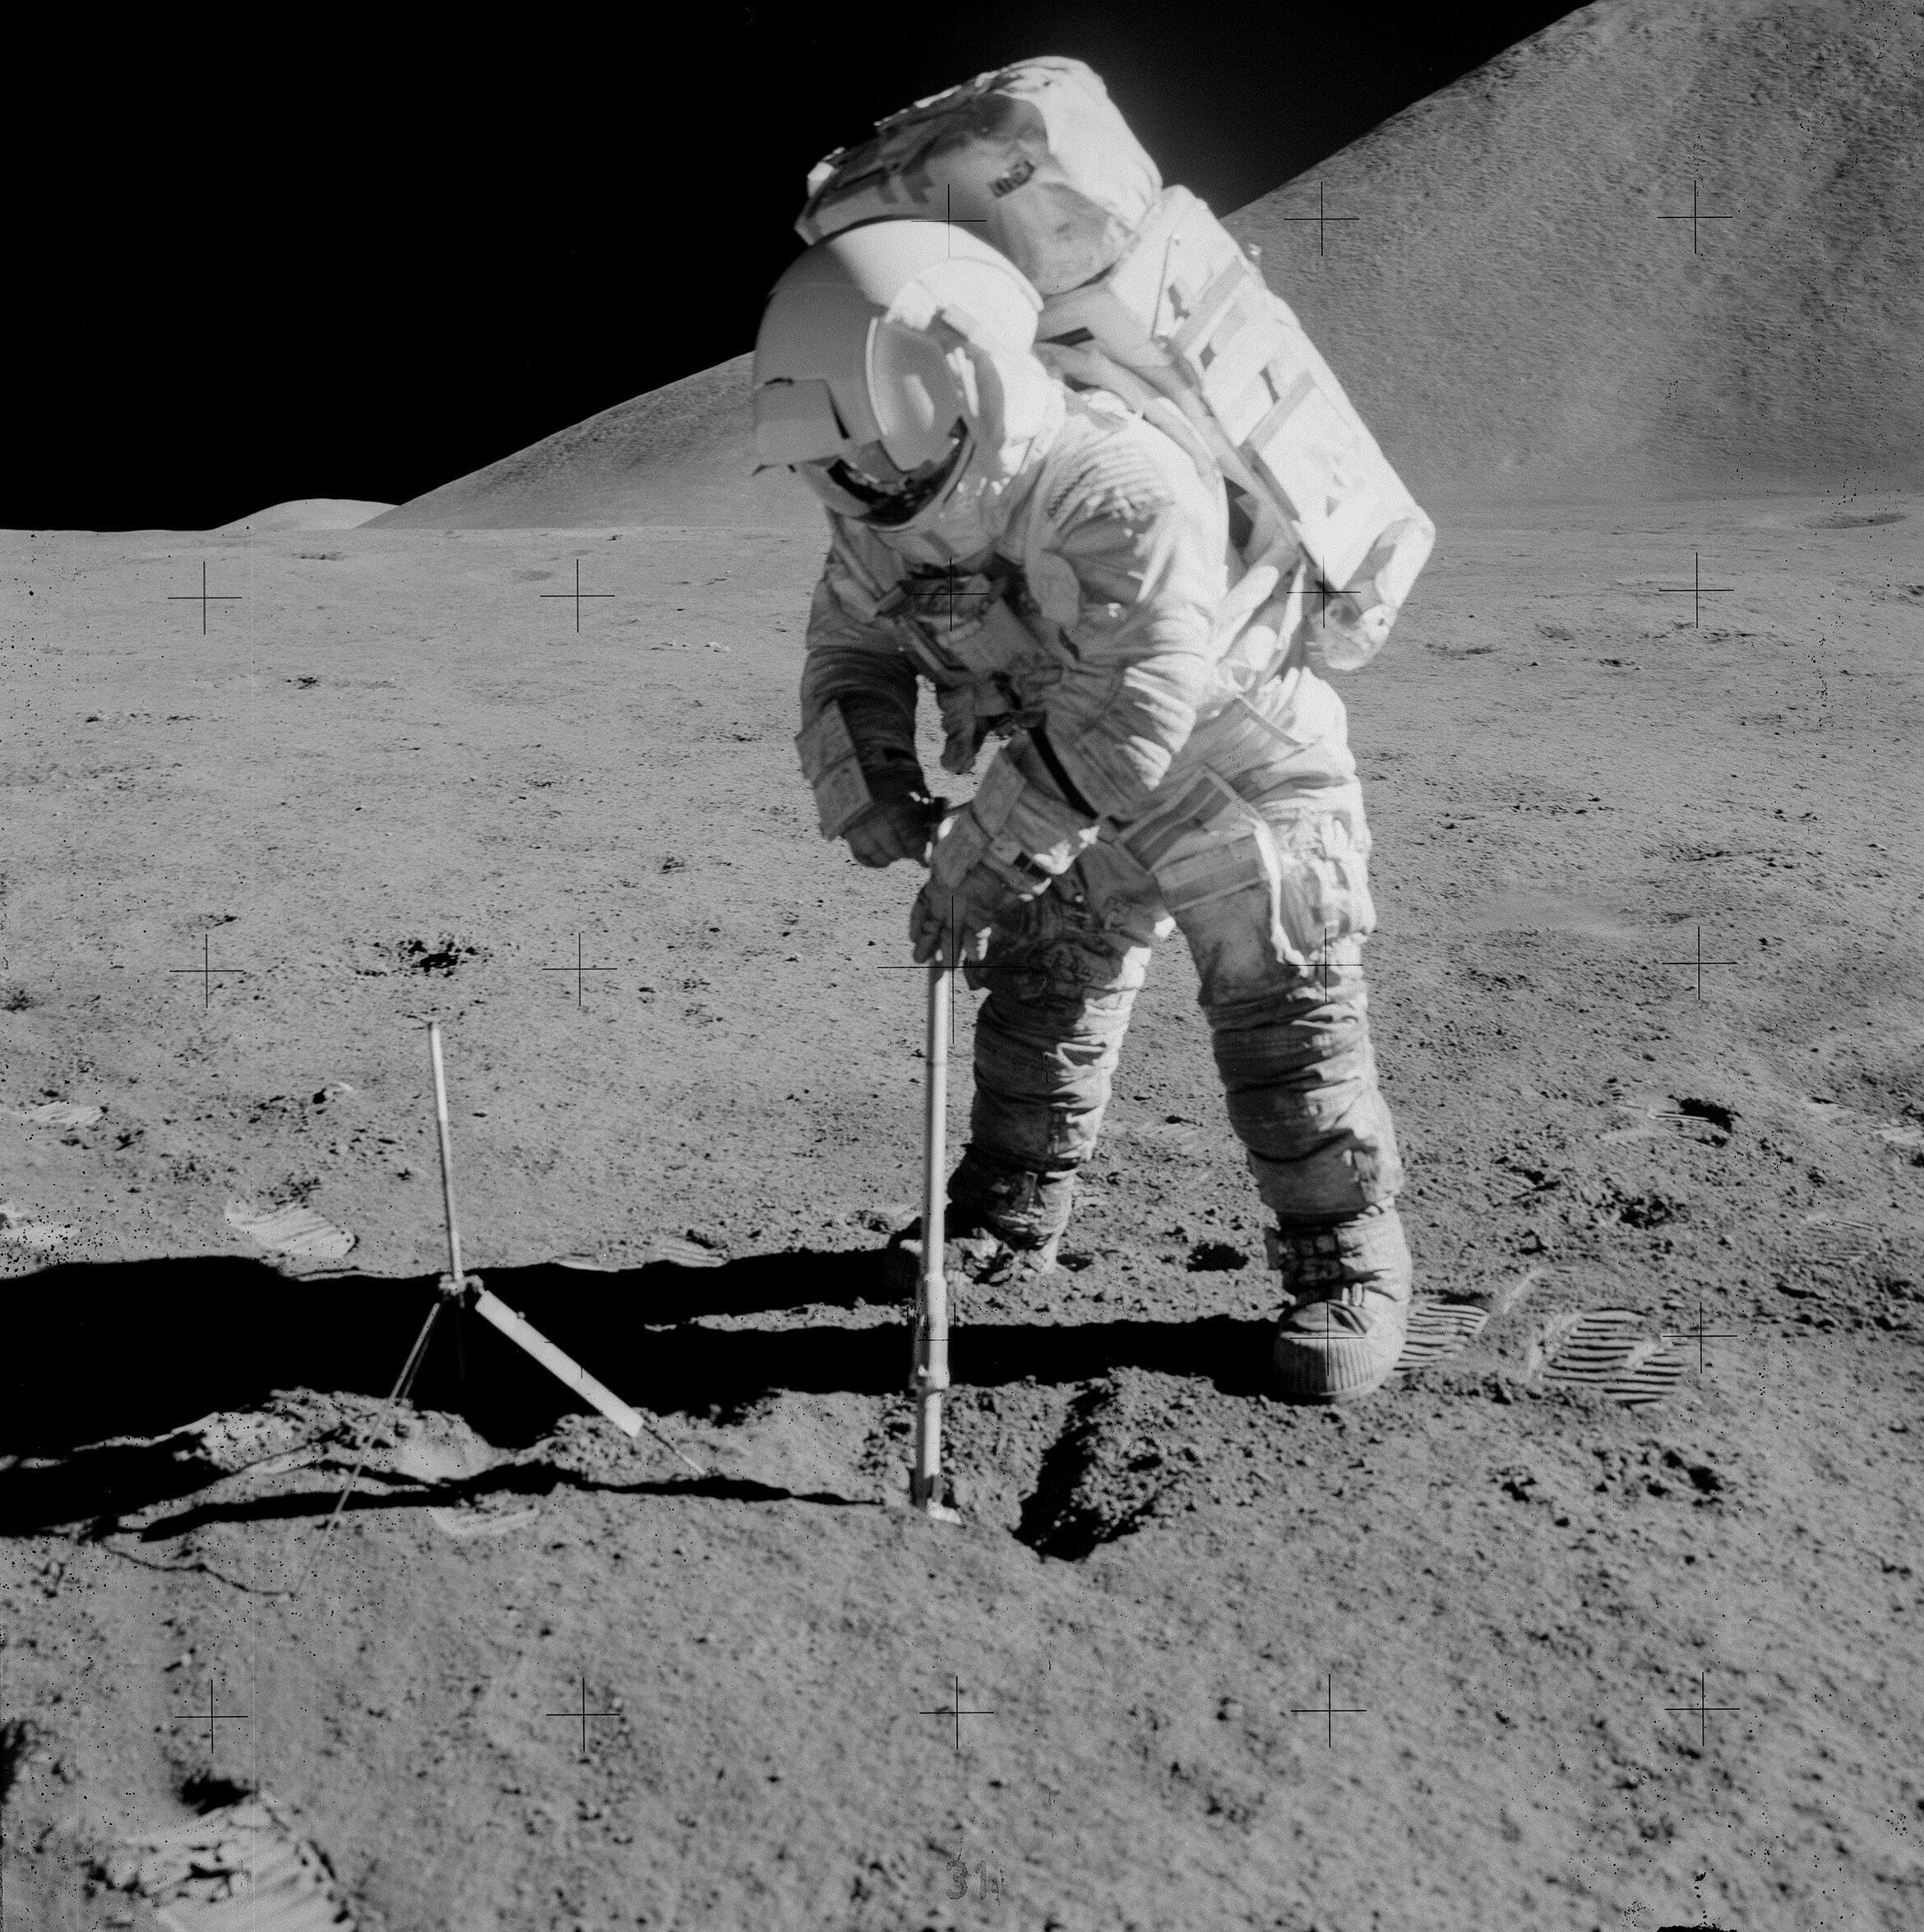 Les missions Apollo étaient aussi l'occasion de faire avancer la recherche scientifique sur la Lune. Jim Irwin ici creuse une trou pour récupérer des échantillons lunaires.